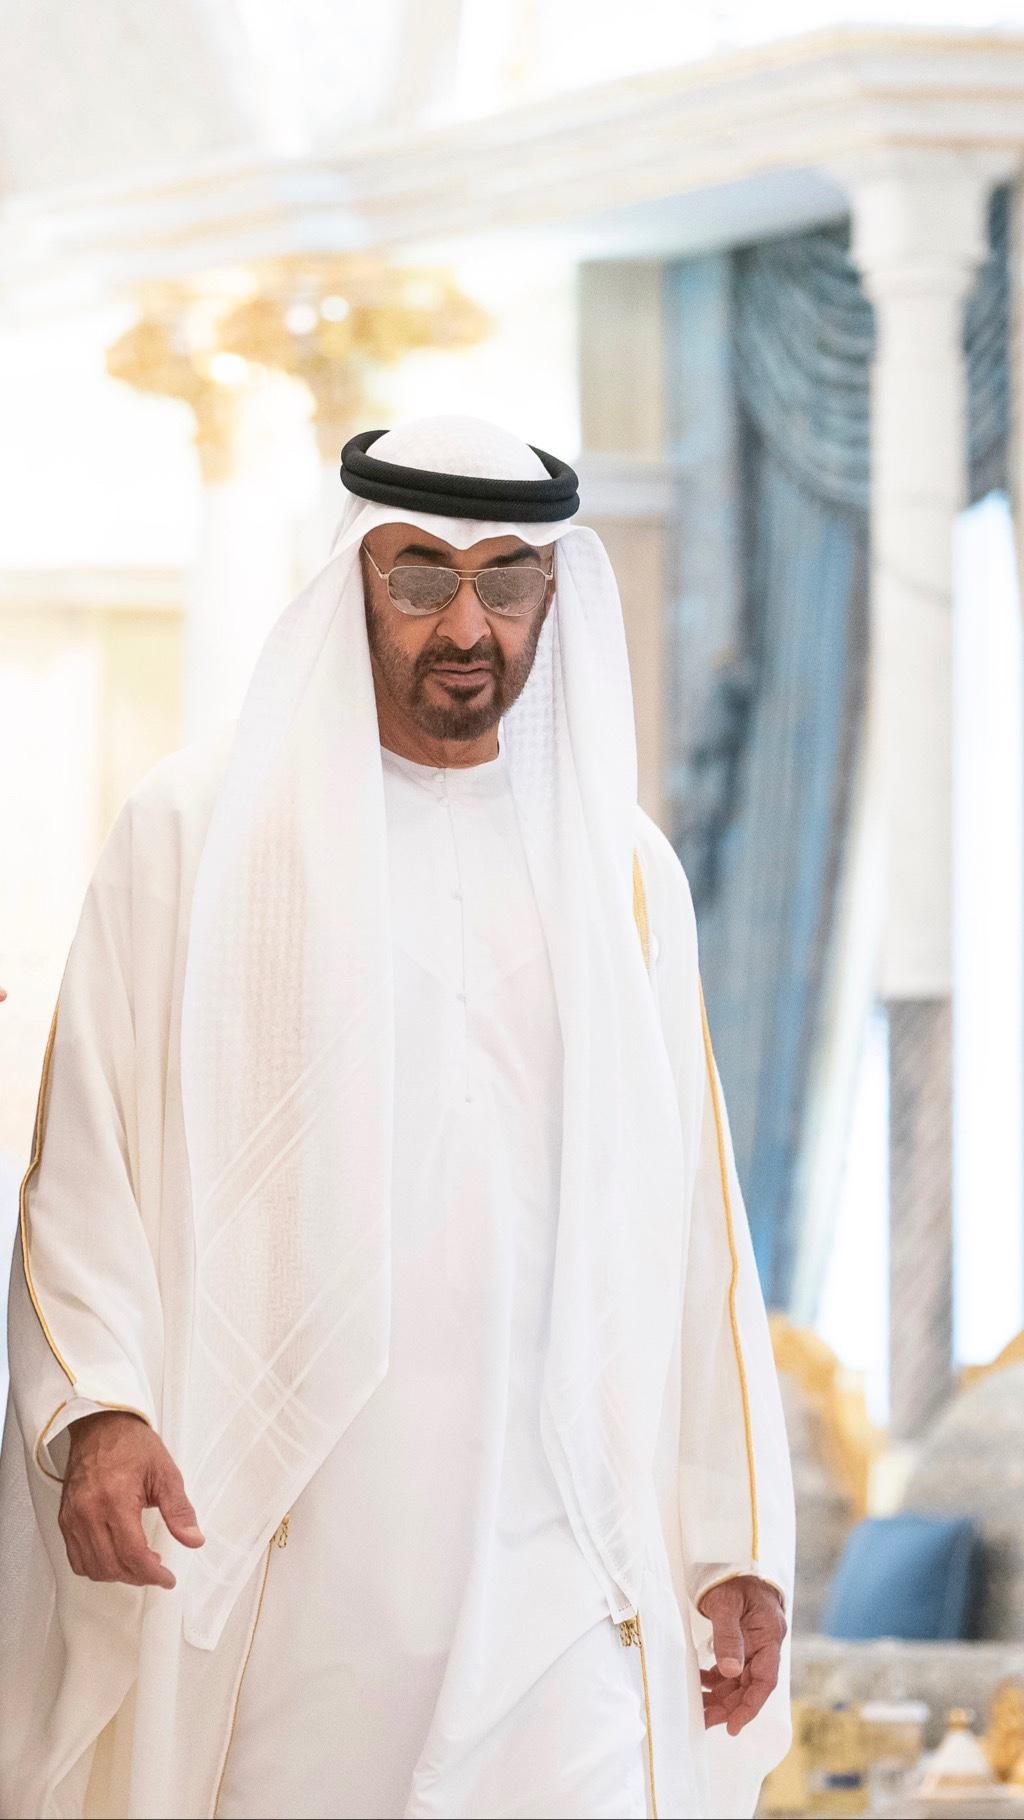 الشيخ محمد بن زايد خلفيات